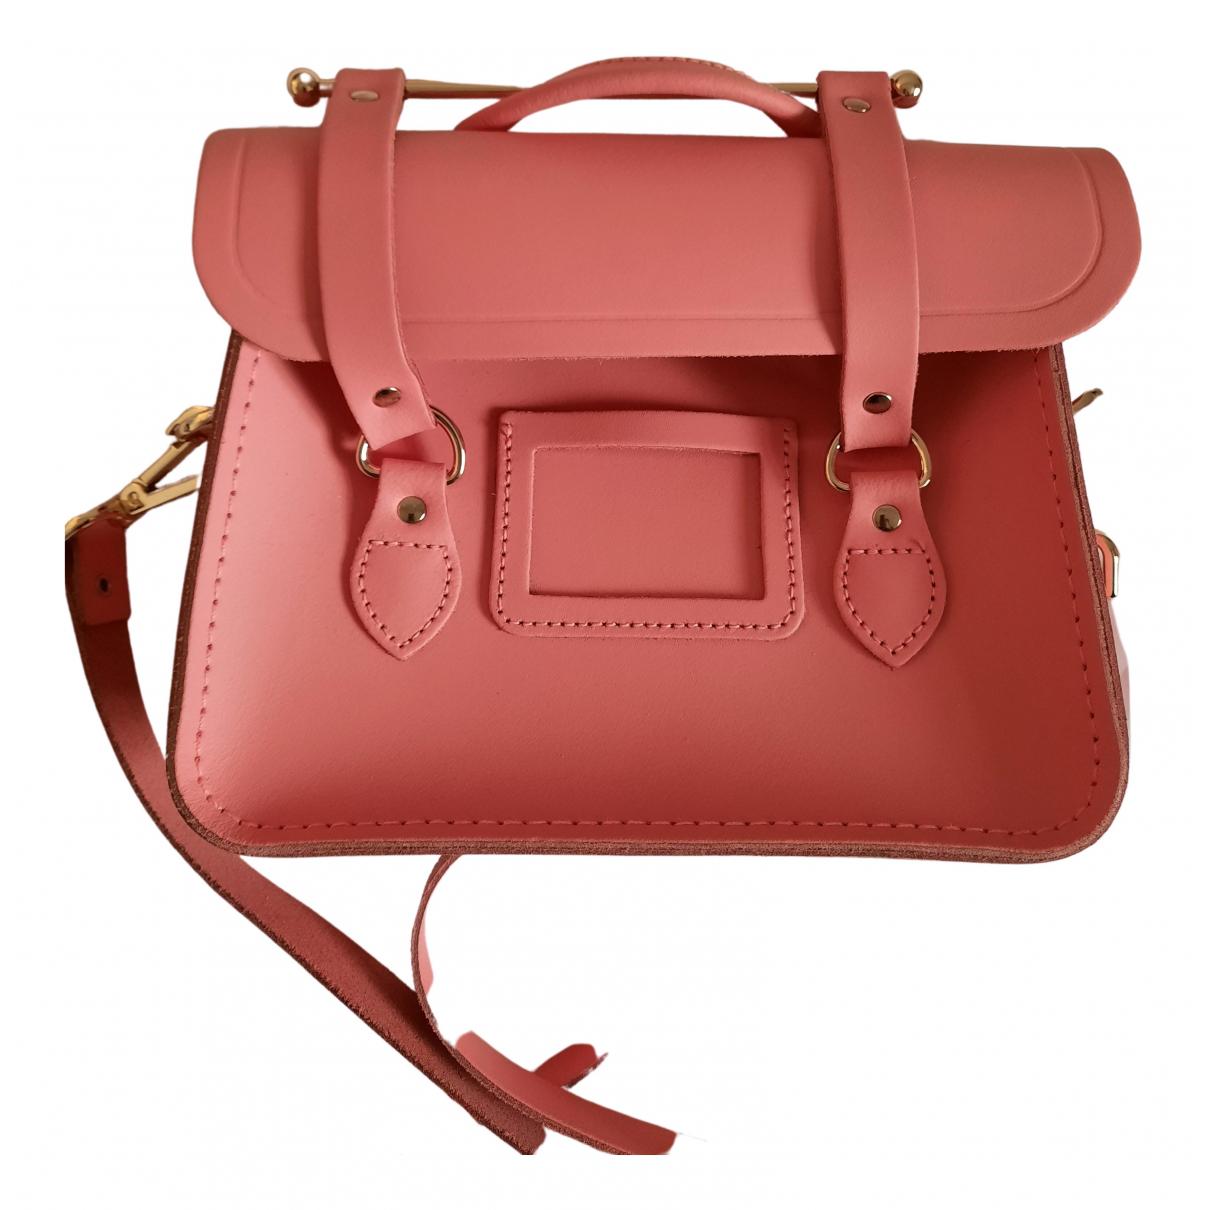 Cambridge Satchel Company - Sac a main   pour femme en cuir - rose